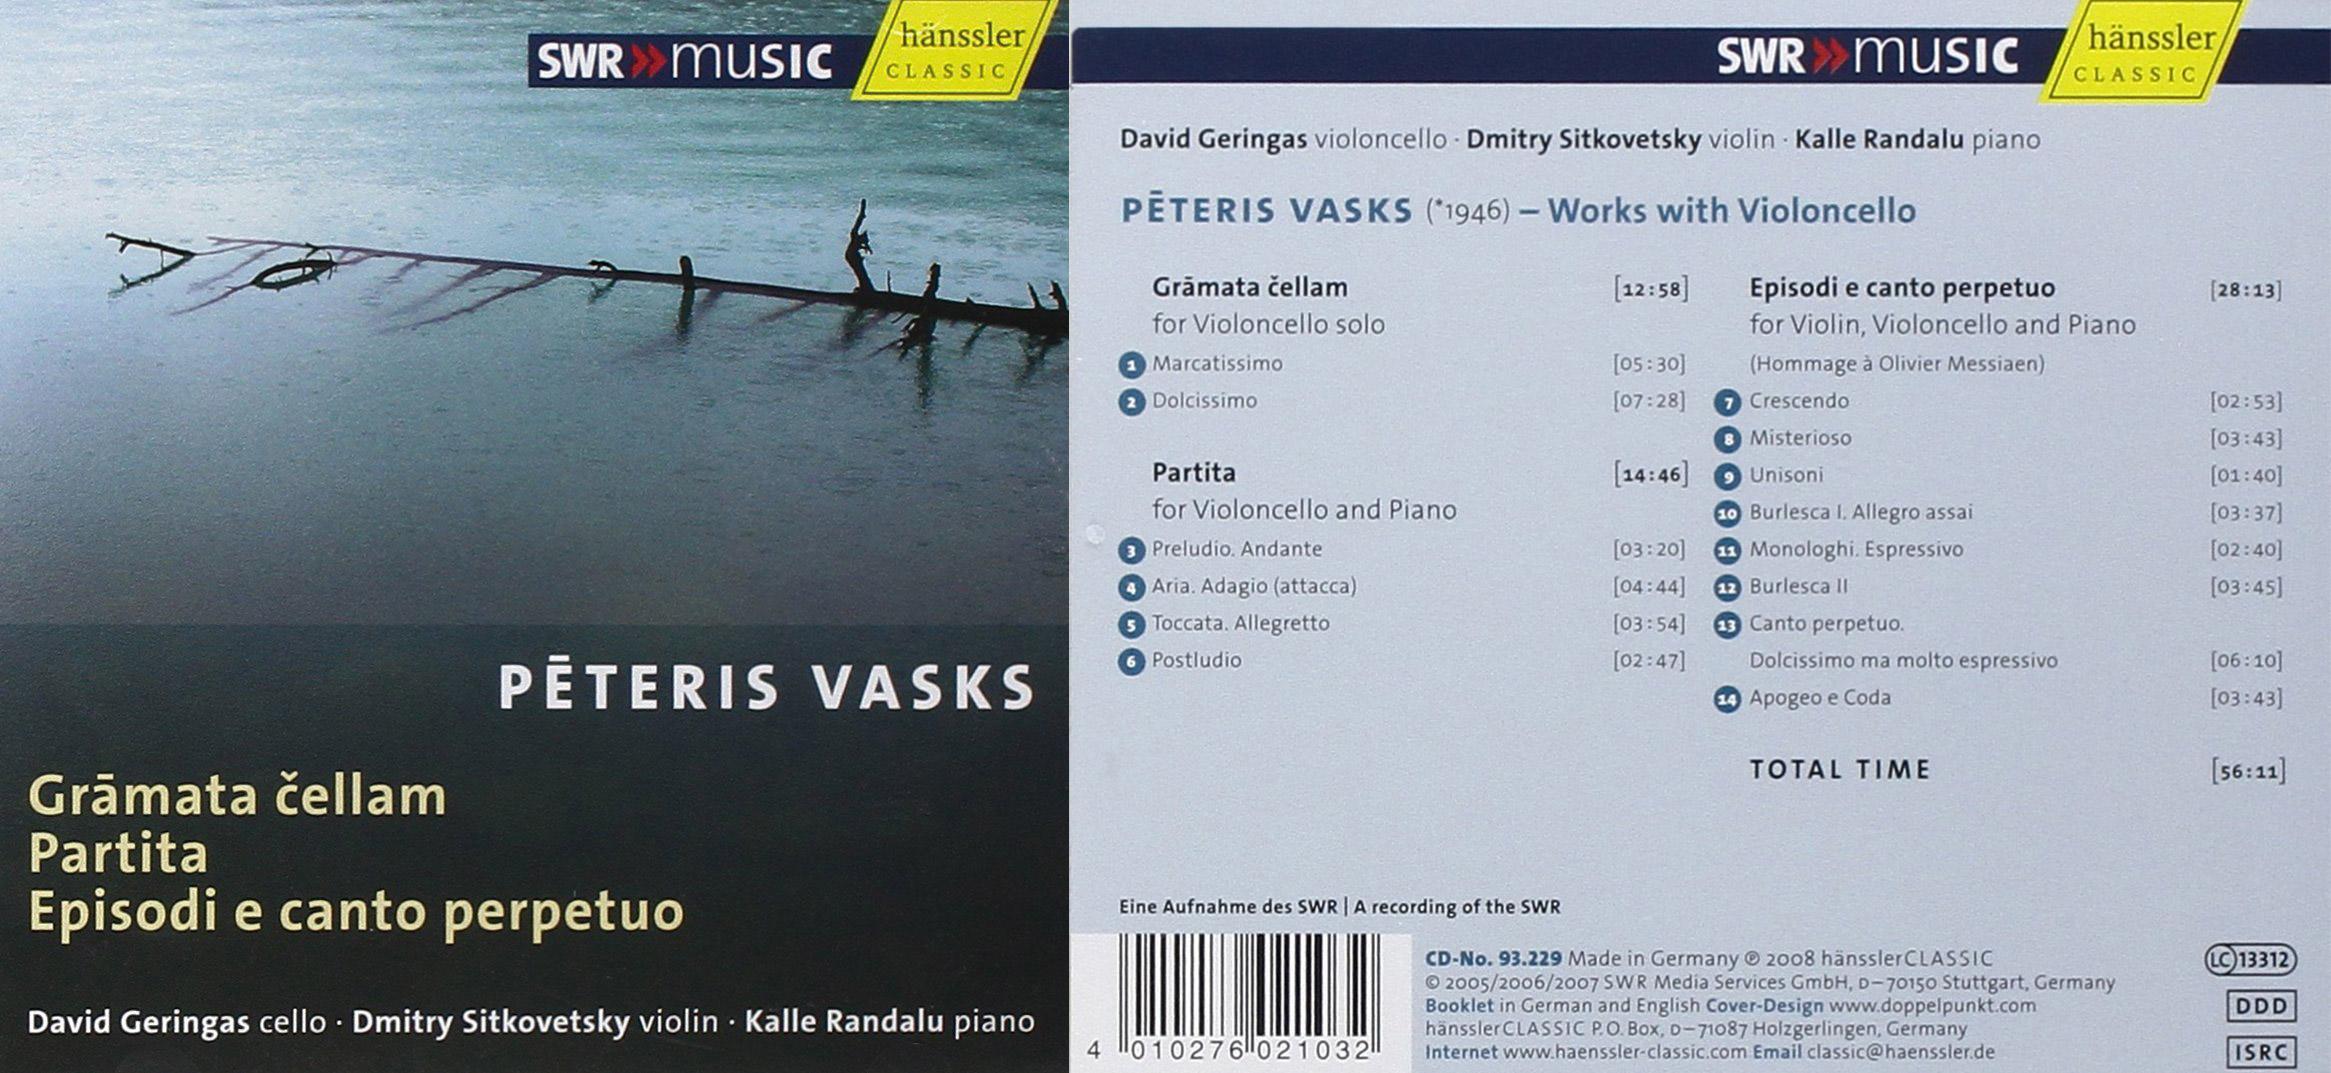 BBC Music Magazine | Gramata Cellam / Partita / Episodi E Canto Perpeto